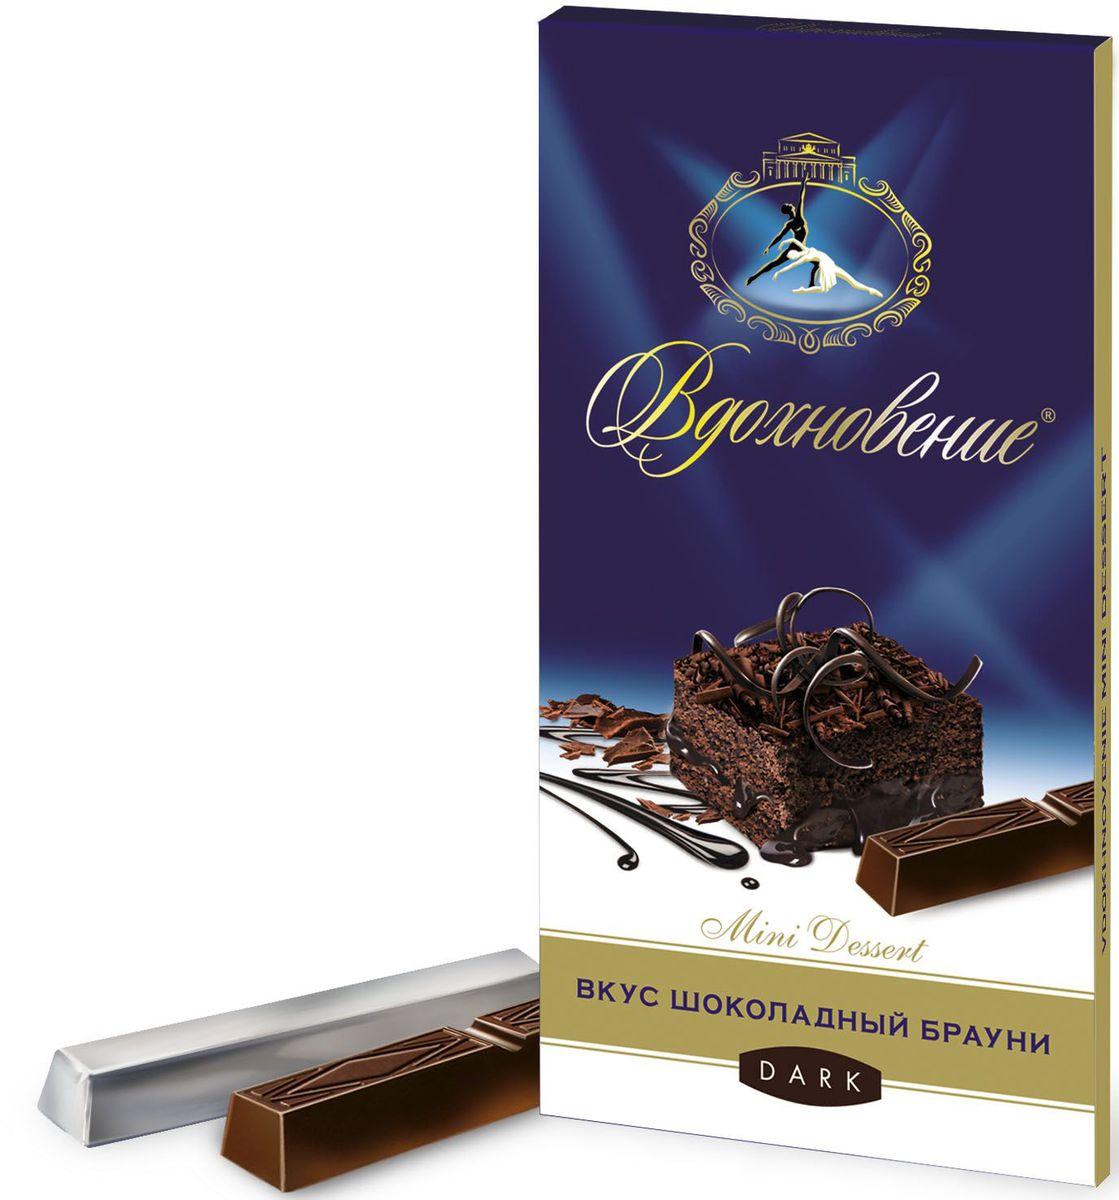 Бабаевский Вдохновение Mini Dessert вкус Шоколадный брауни темный шоколад, 100 г baron тирамису темный шоколад с начинкой 100 г